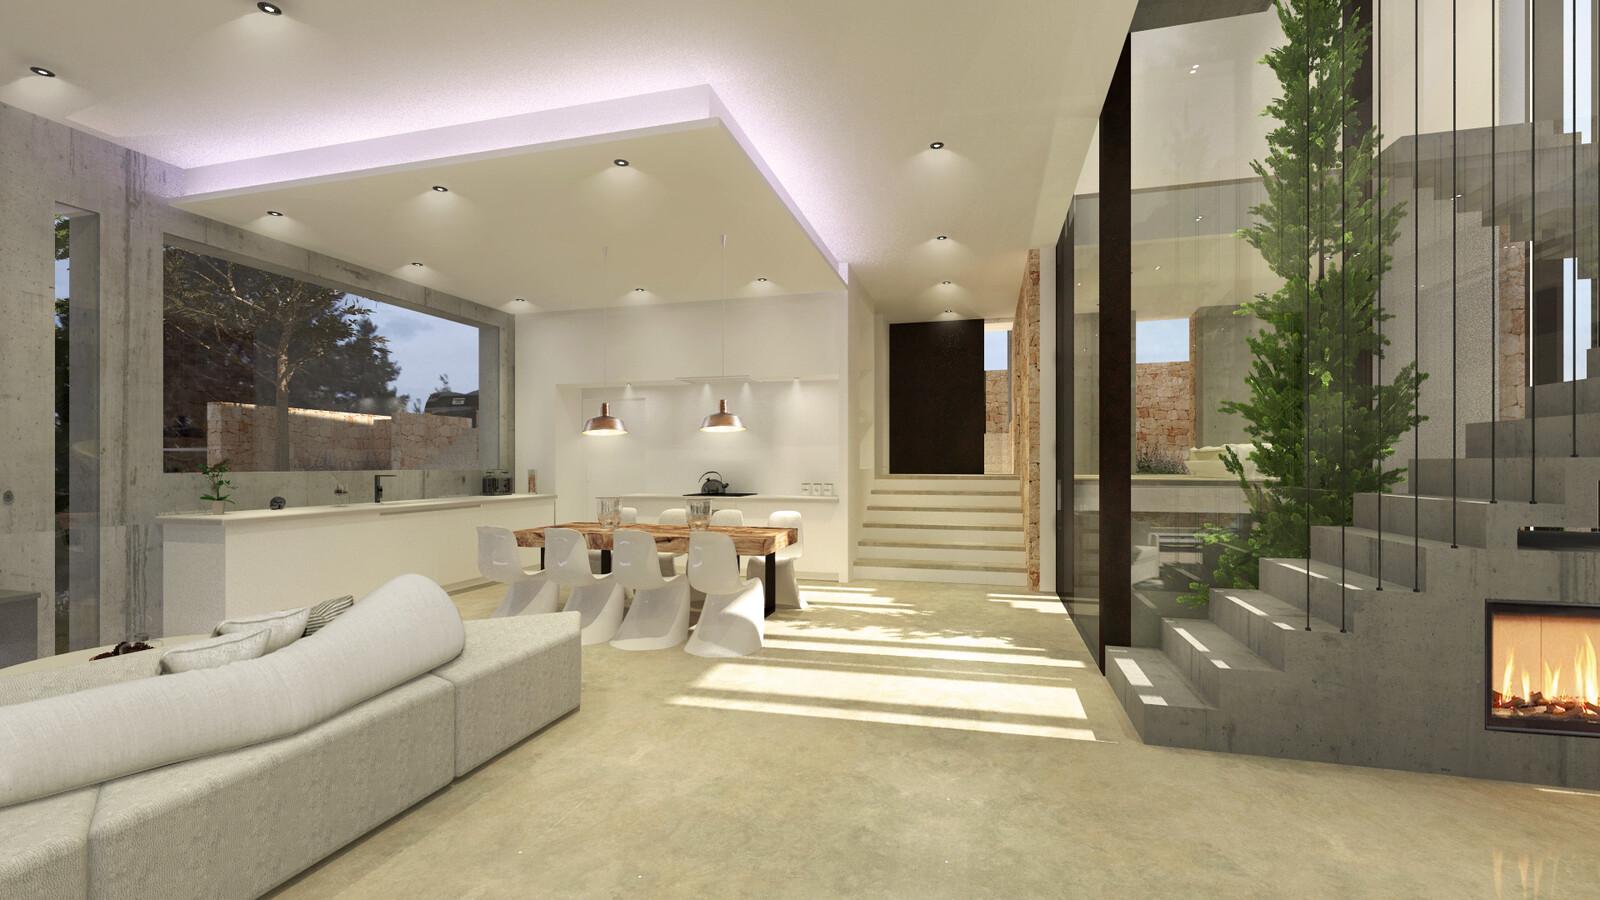 Render Final Interior